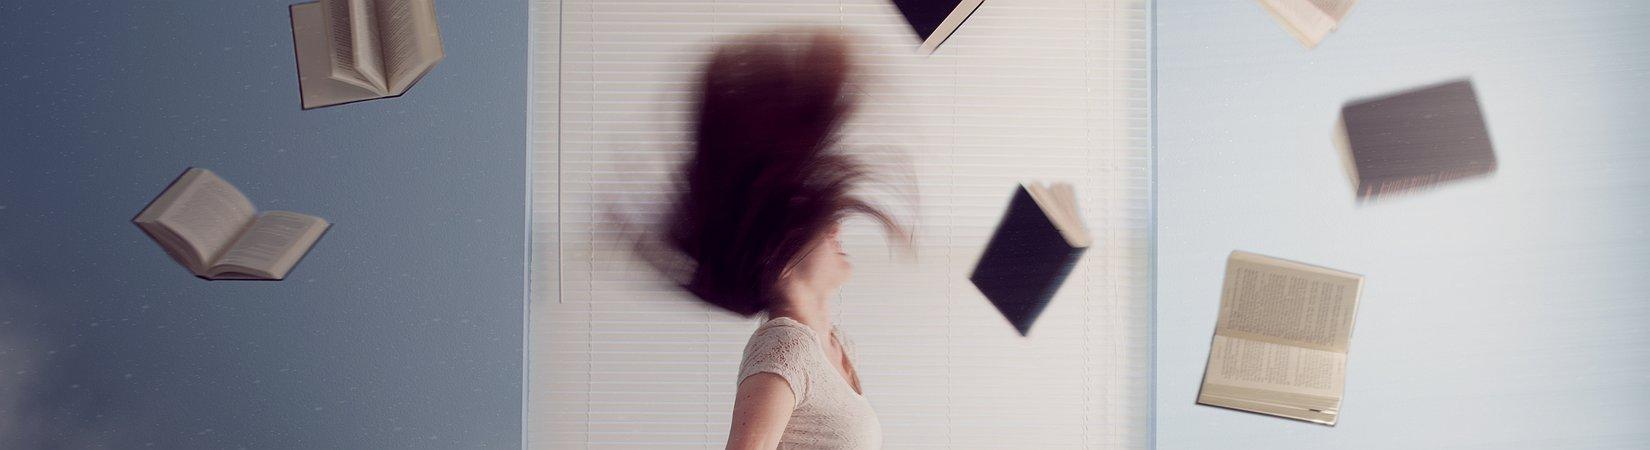 Почему бросать работу ради мечты — плохая идея